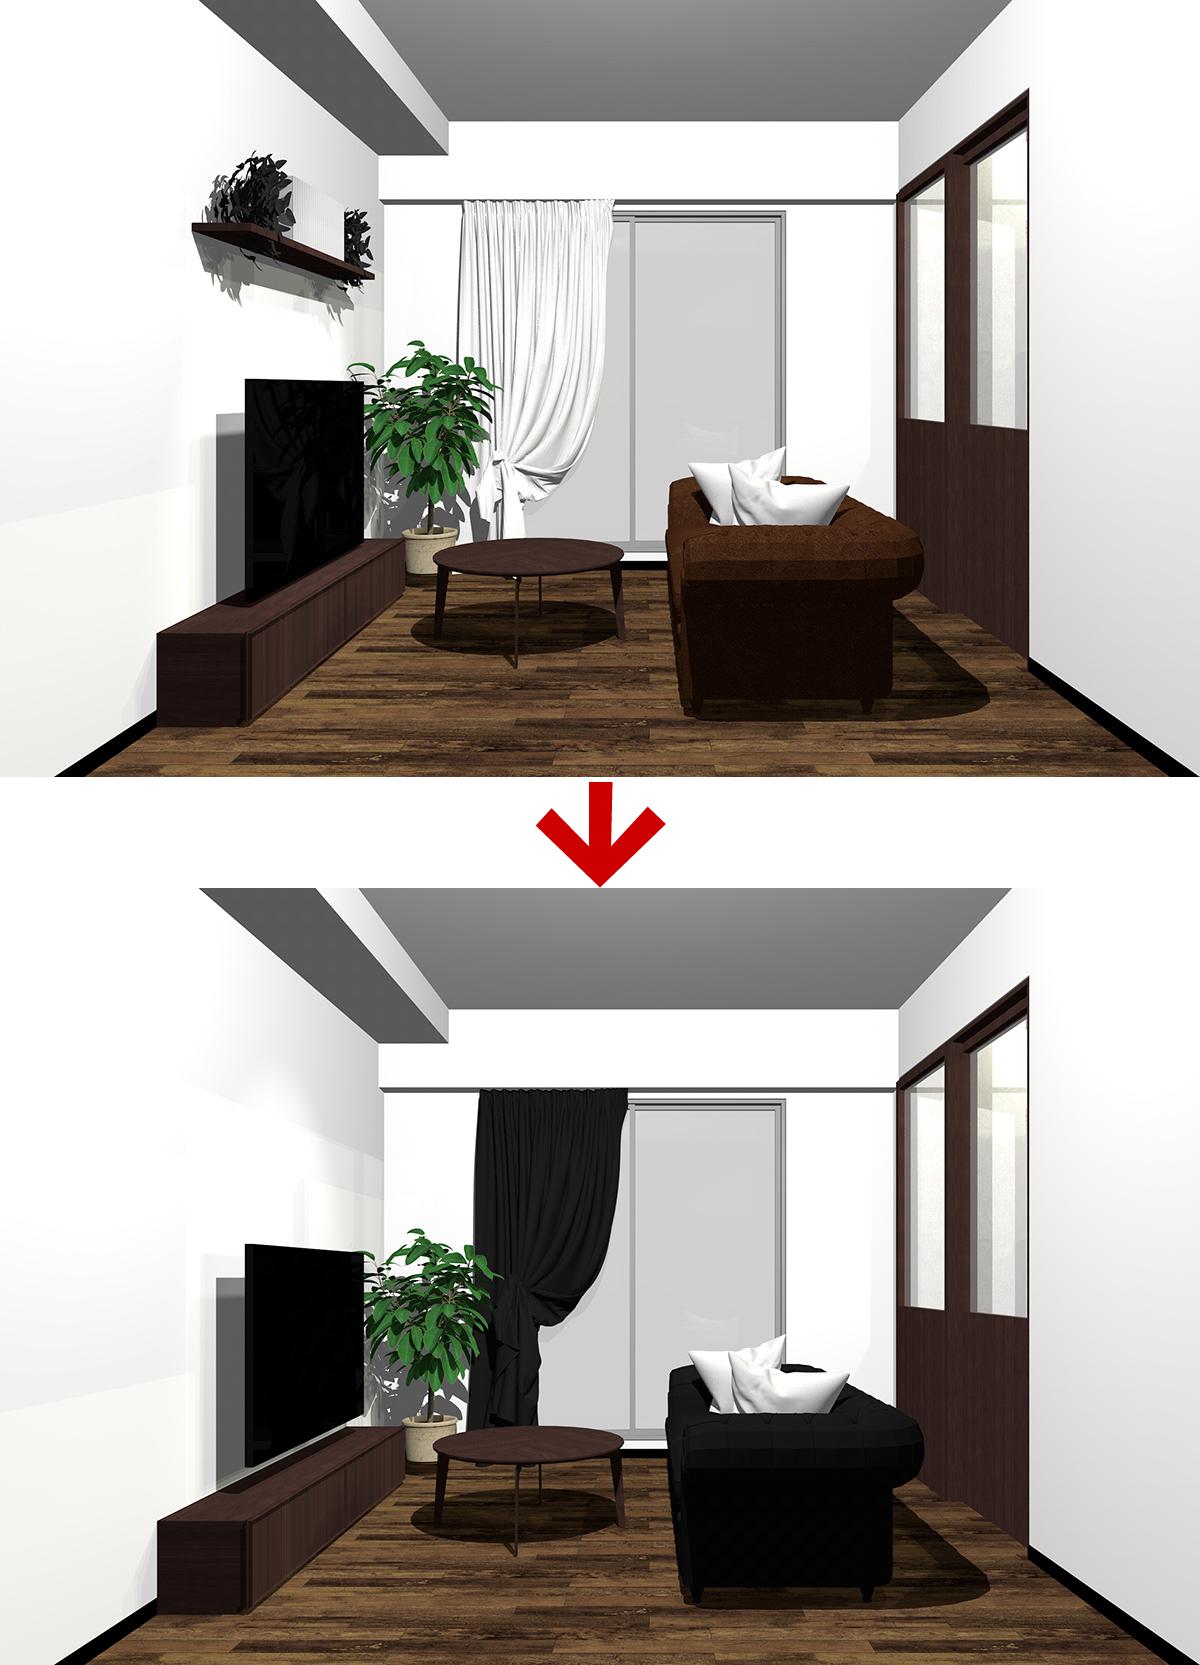 ダークブラウン配色のインテリアとダークブラウン×ブラック配色のインテリア